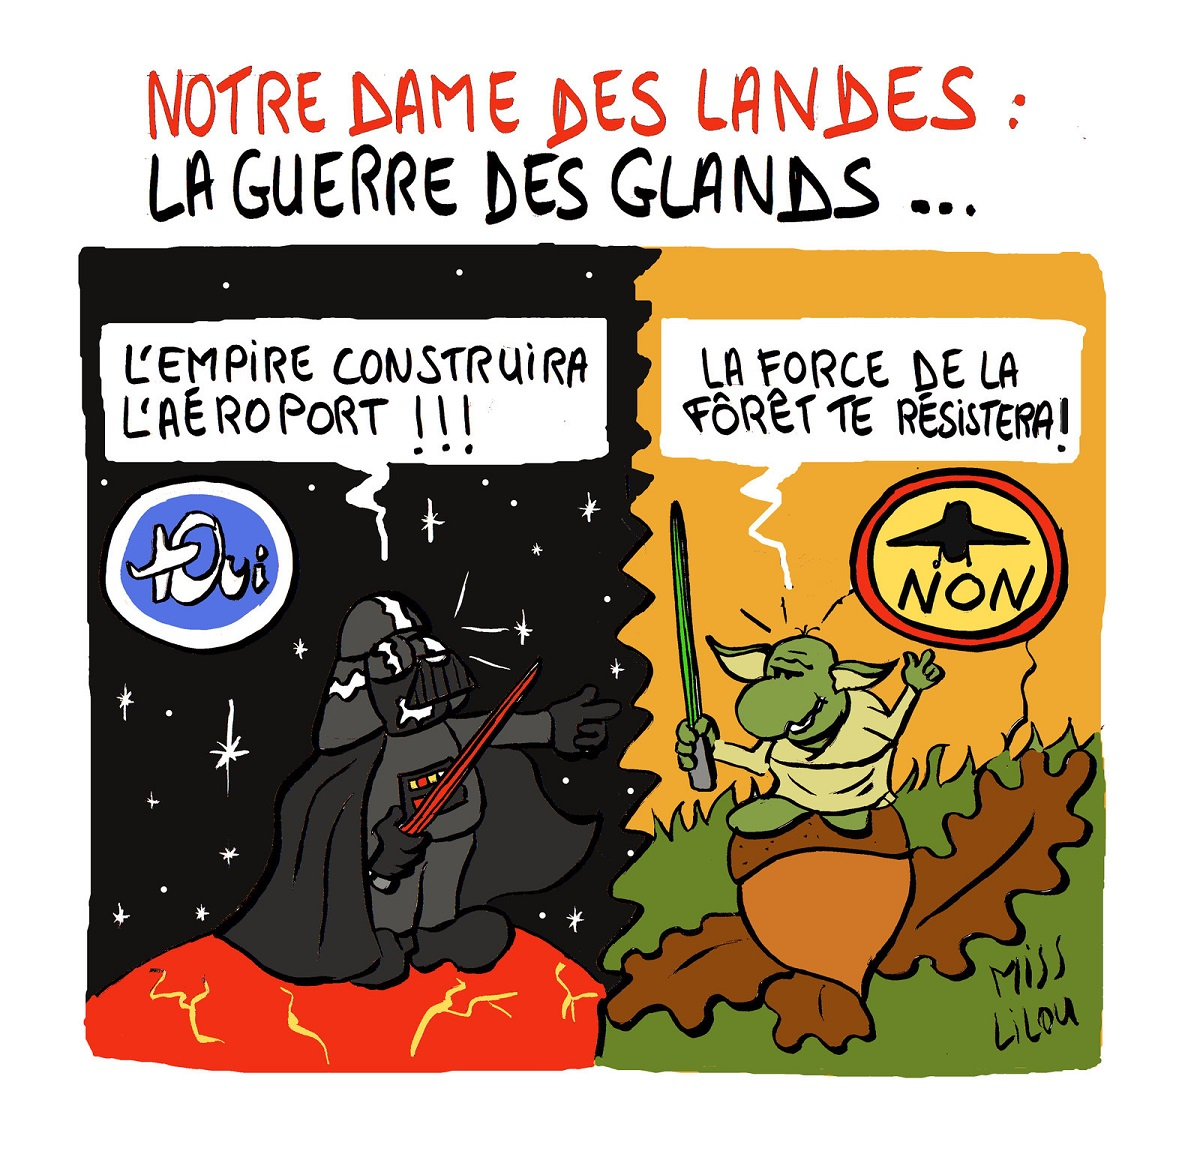 dessin humoristique du problème de Notre-Dame-des-Landes à la façon Star Wars